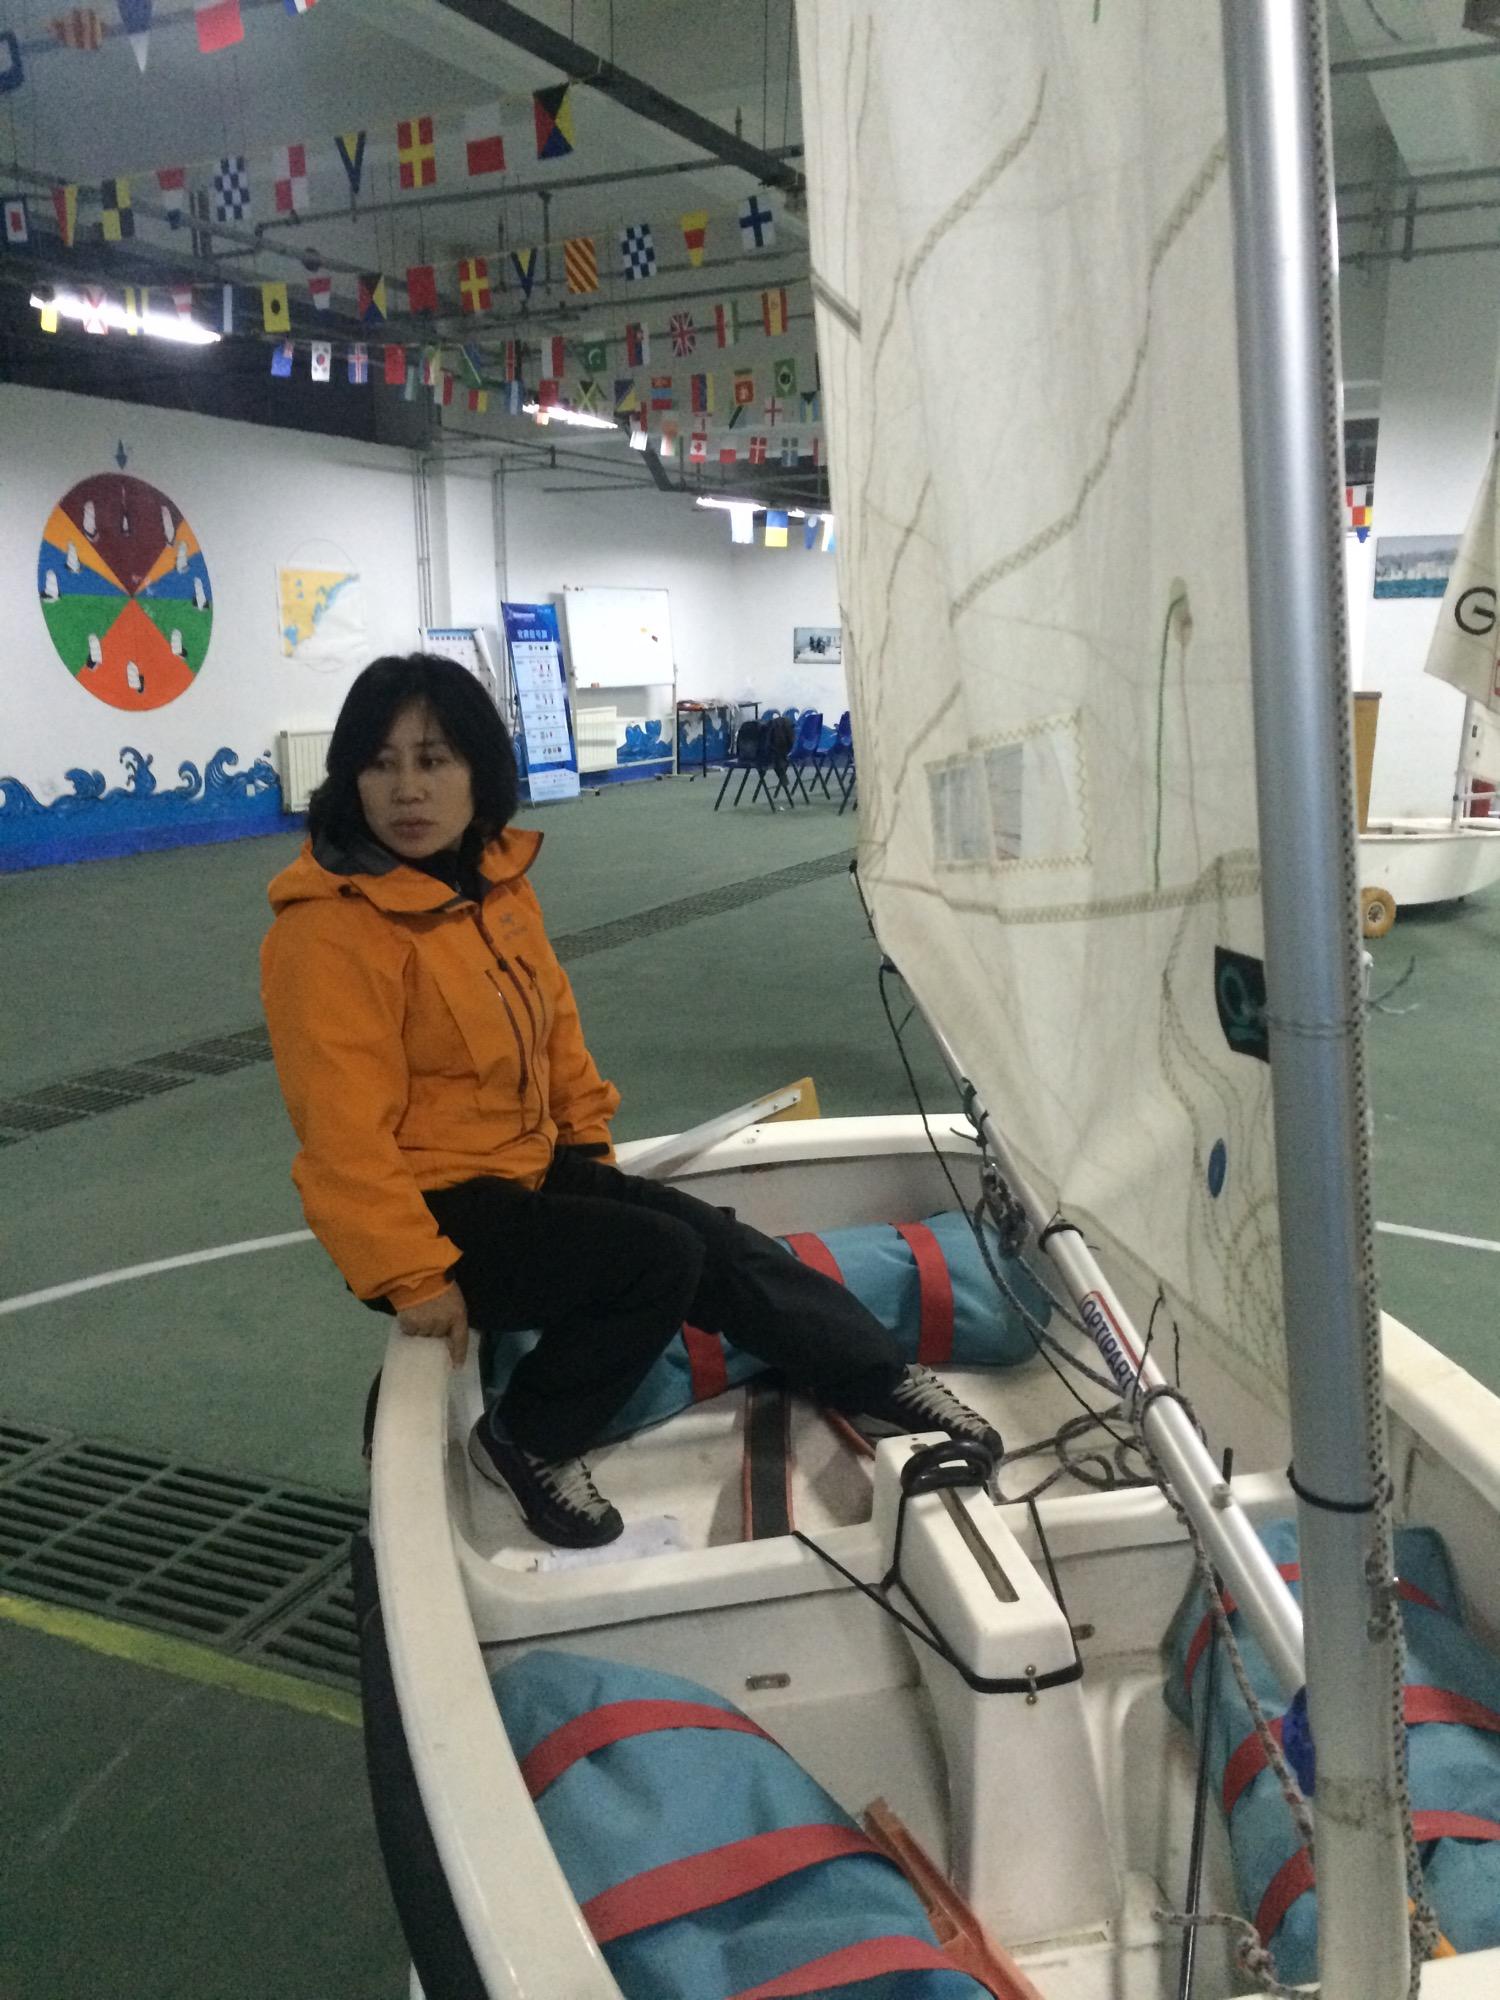 新西兰,北京,青岛,帆船,大海 一个帆船航海老菜鸟深秋细雨中的帆船赛 IMG_8796.jpg